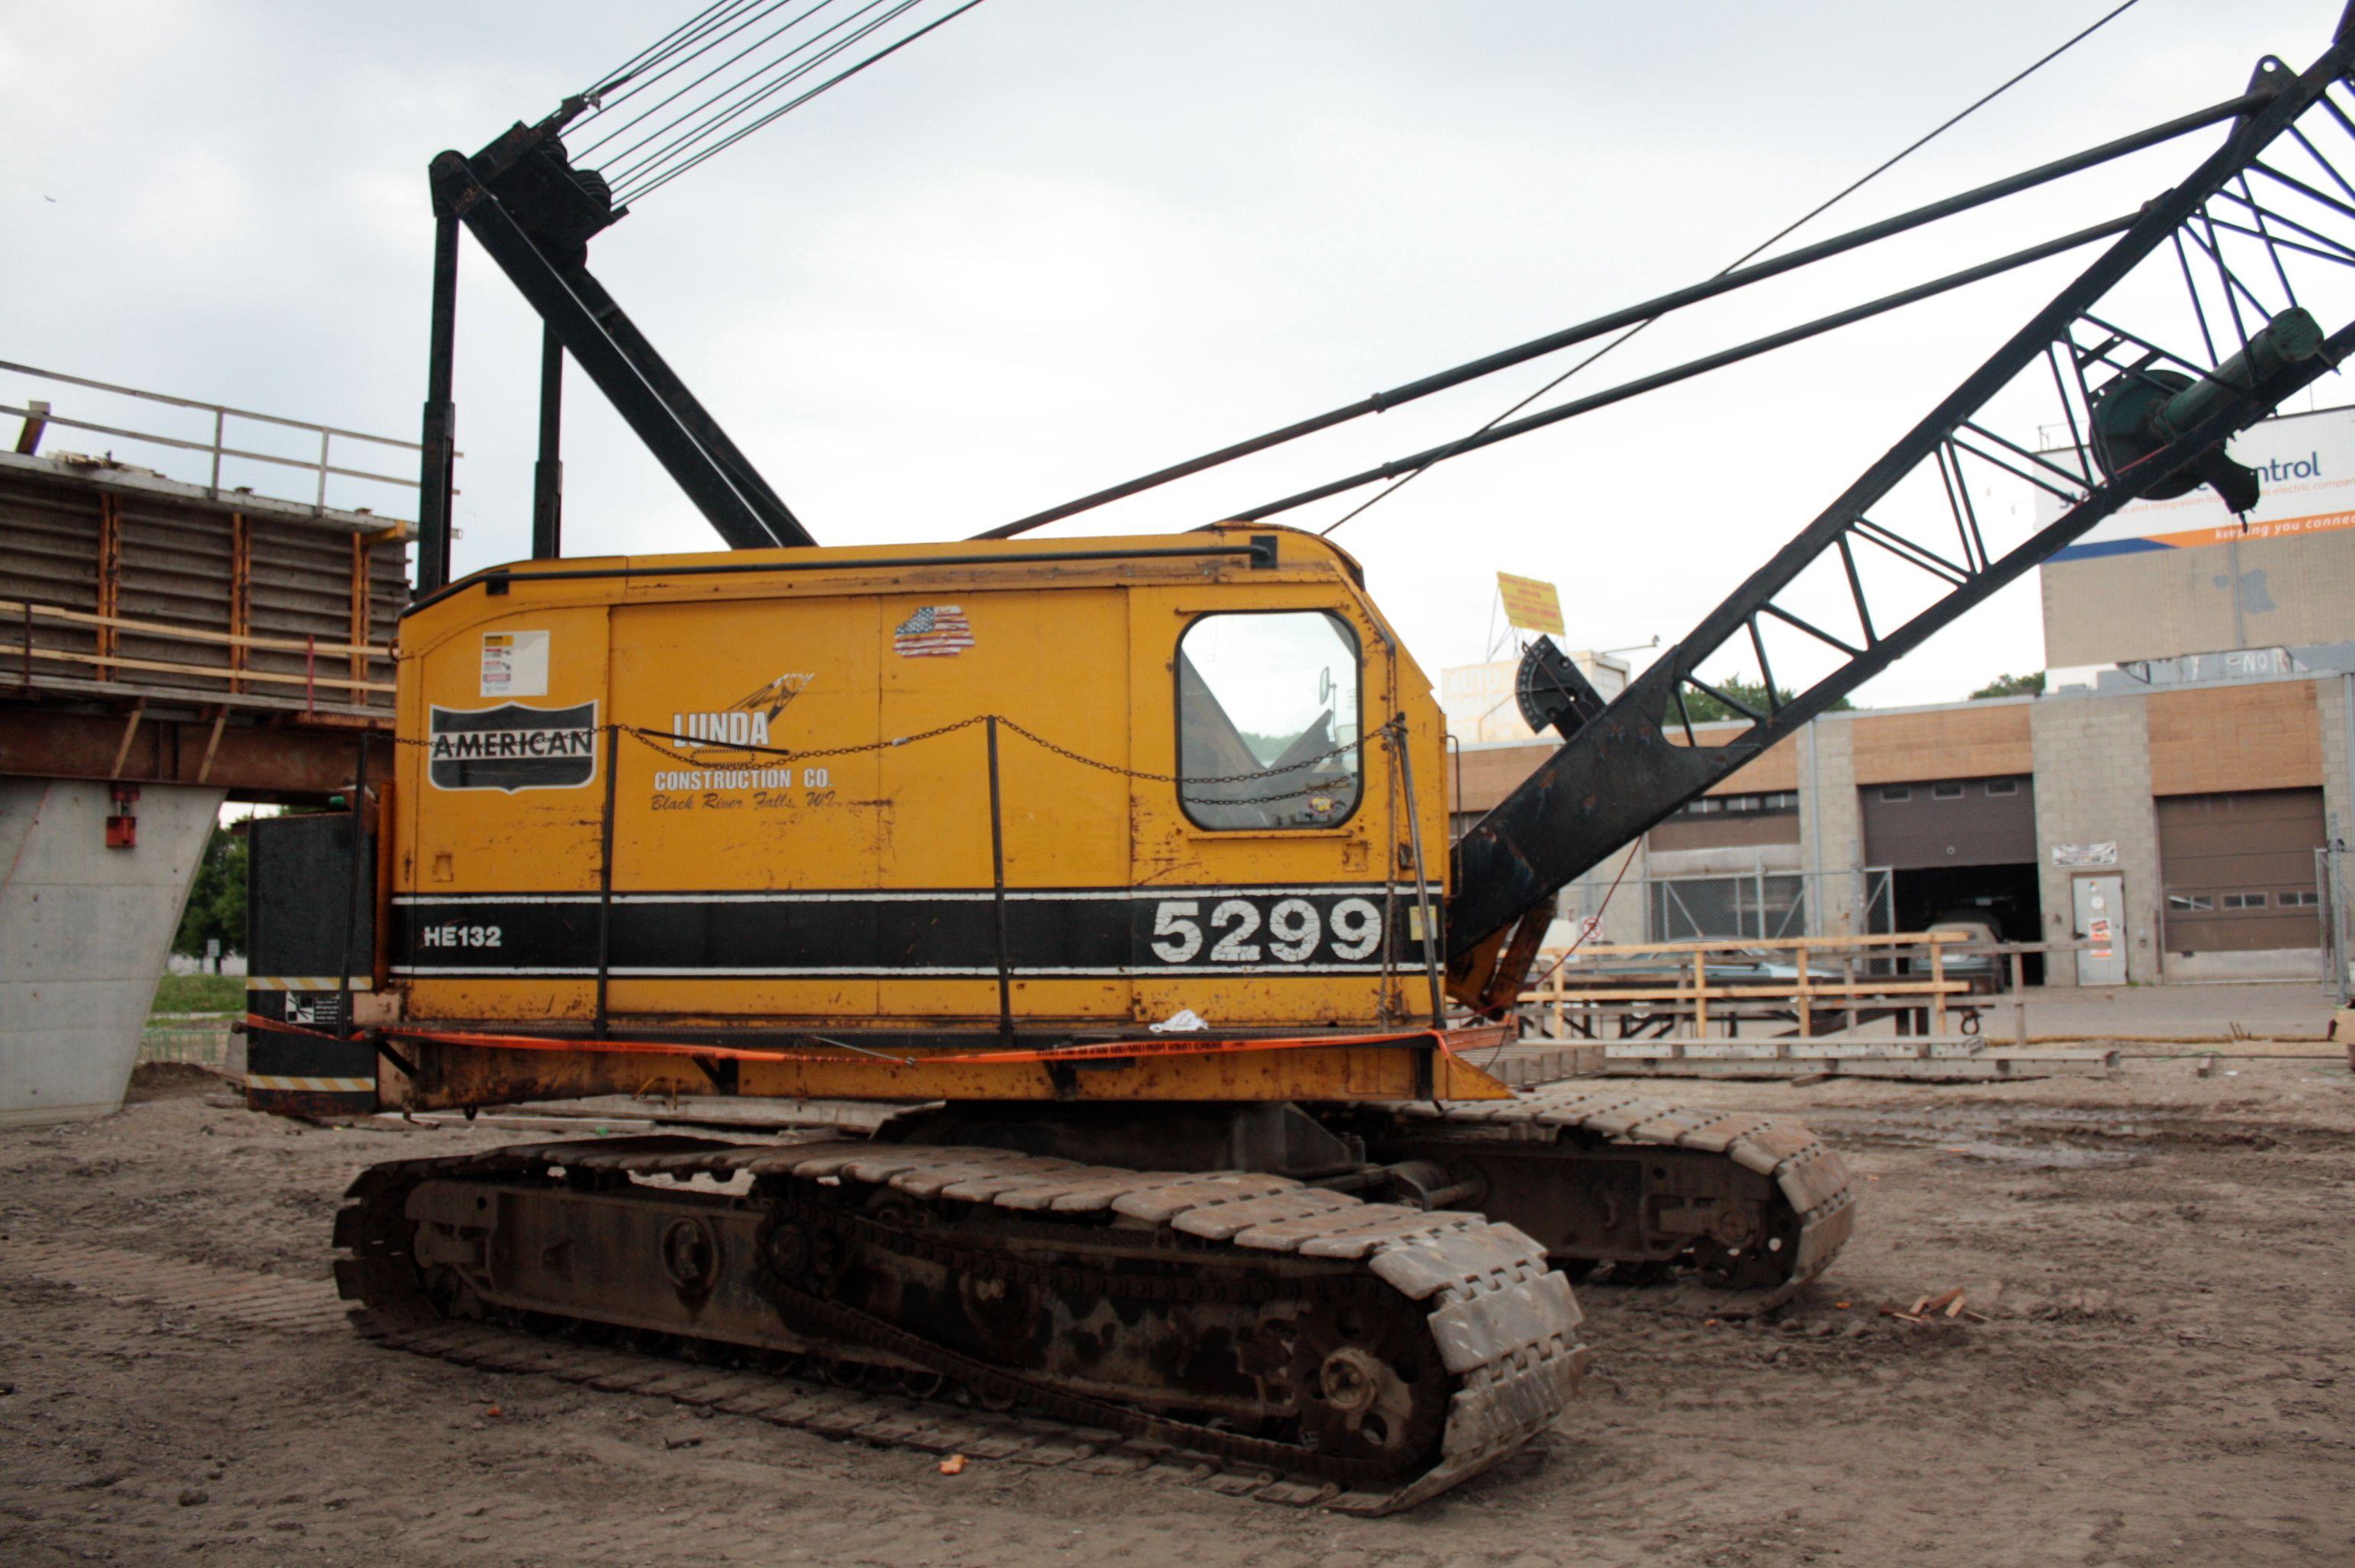 A quintessential American Hoist and Derrick 5299 crawler crane.